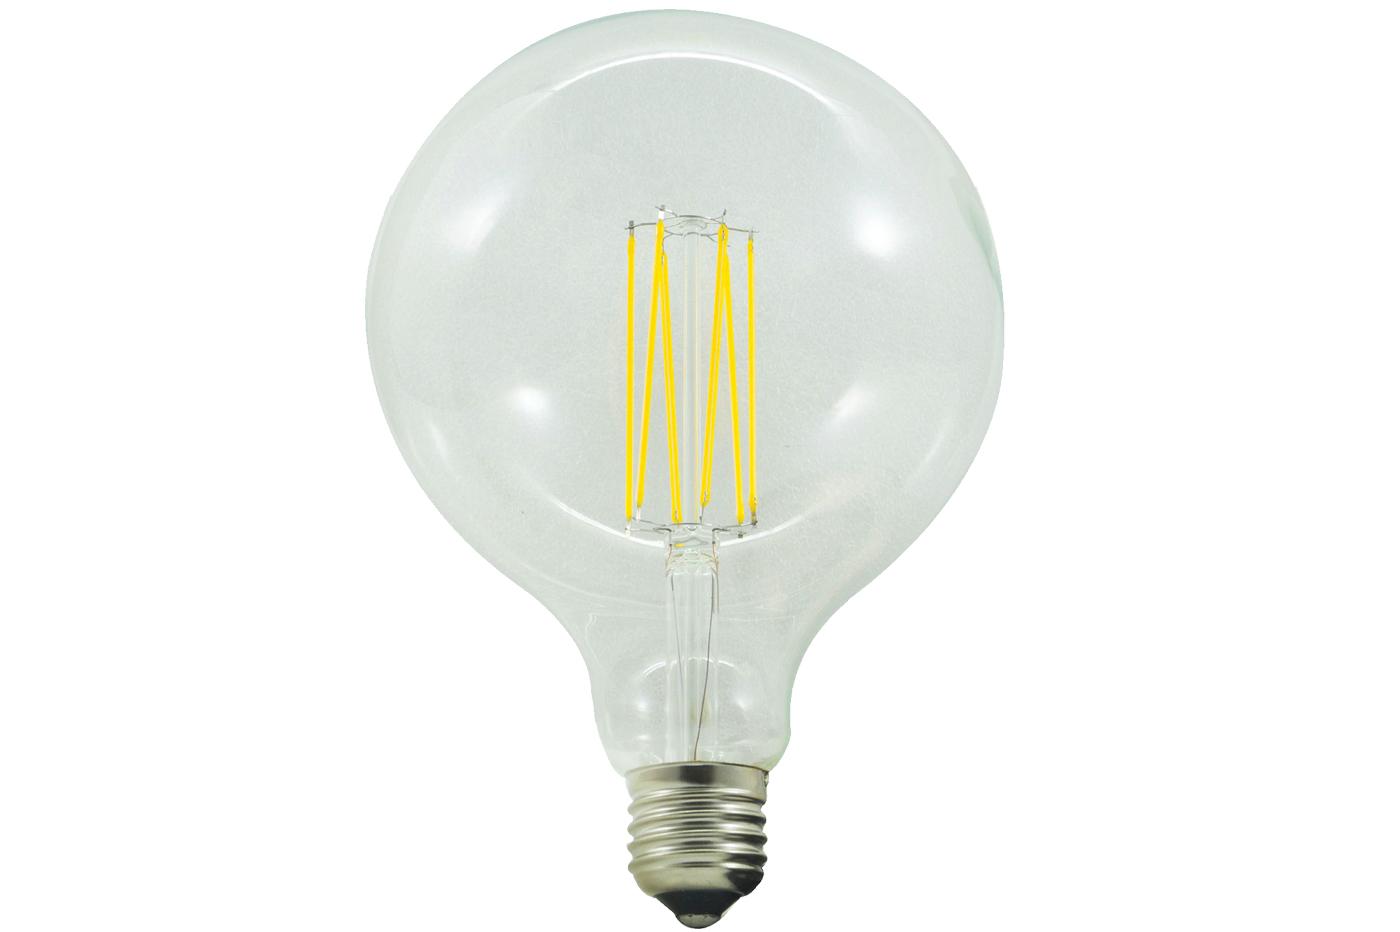 Bes lampadine e adattatori beselettronica lampadina